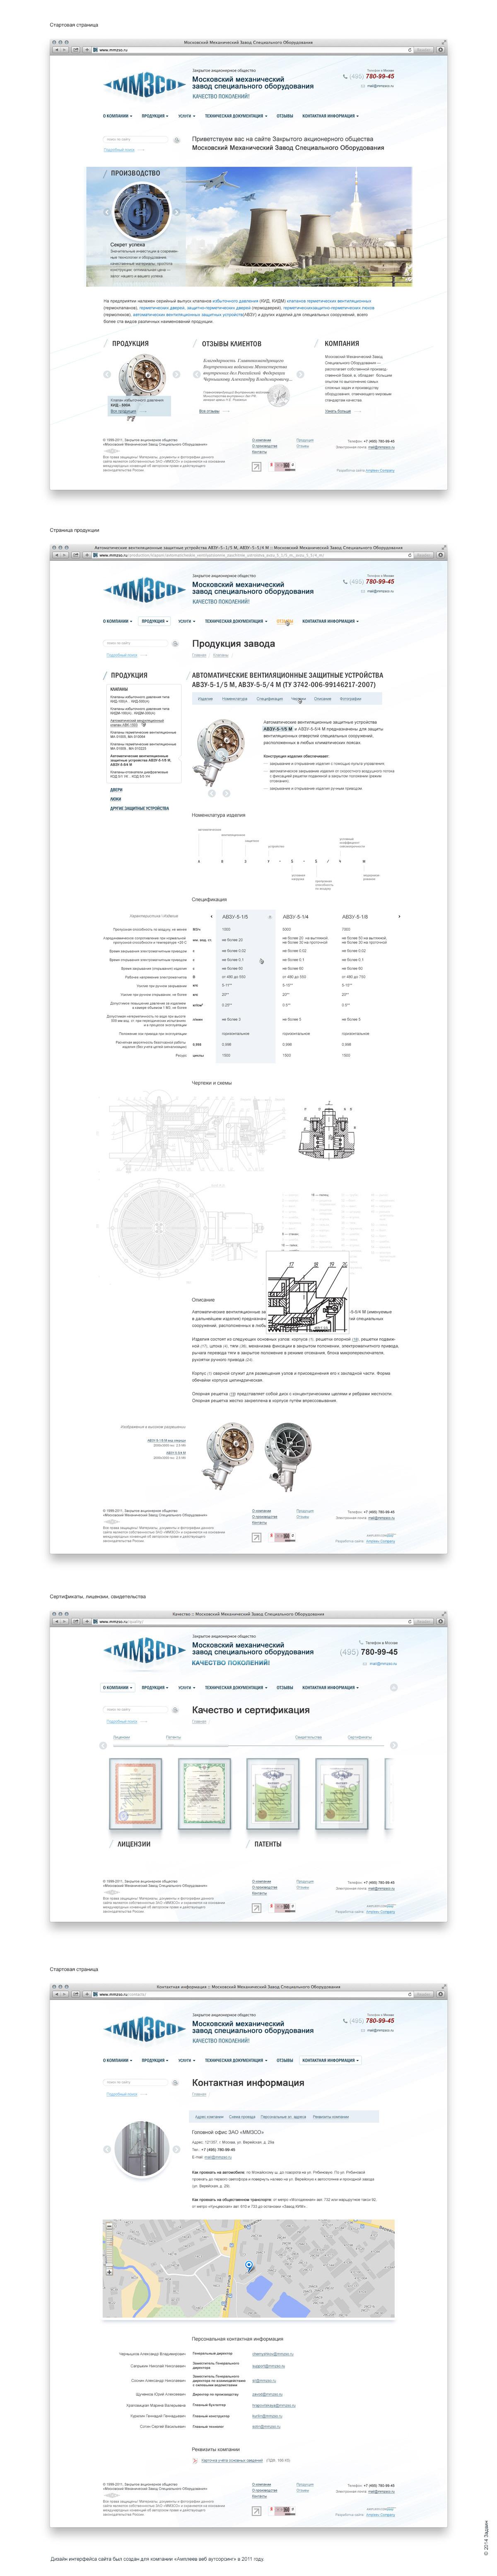 Московский механический завод специального оборудования